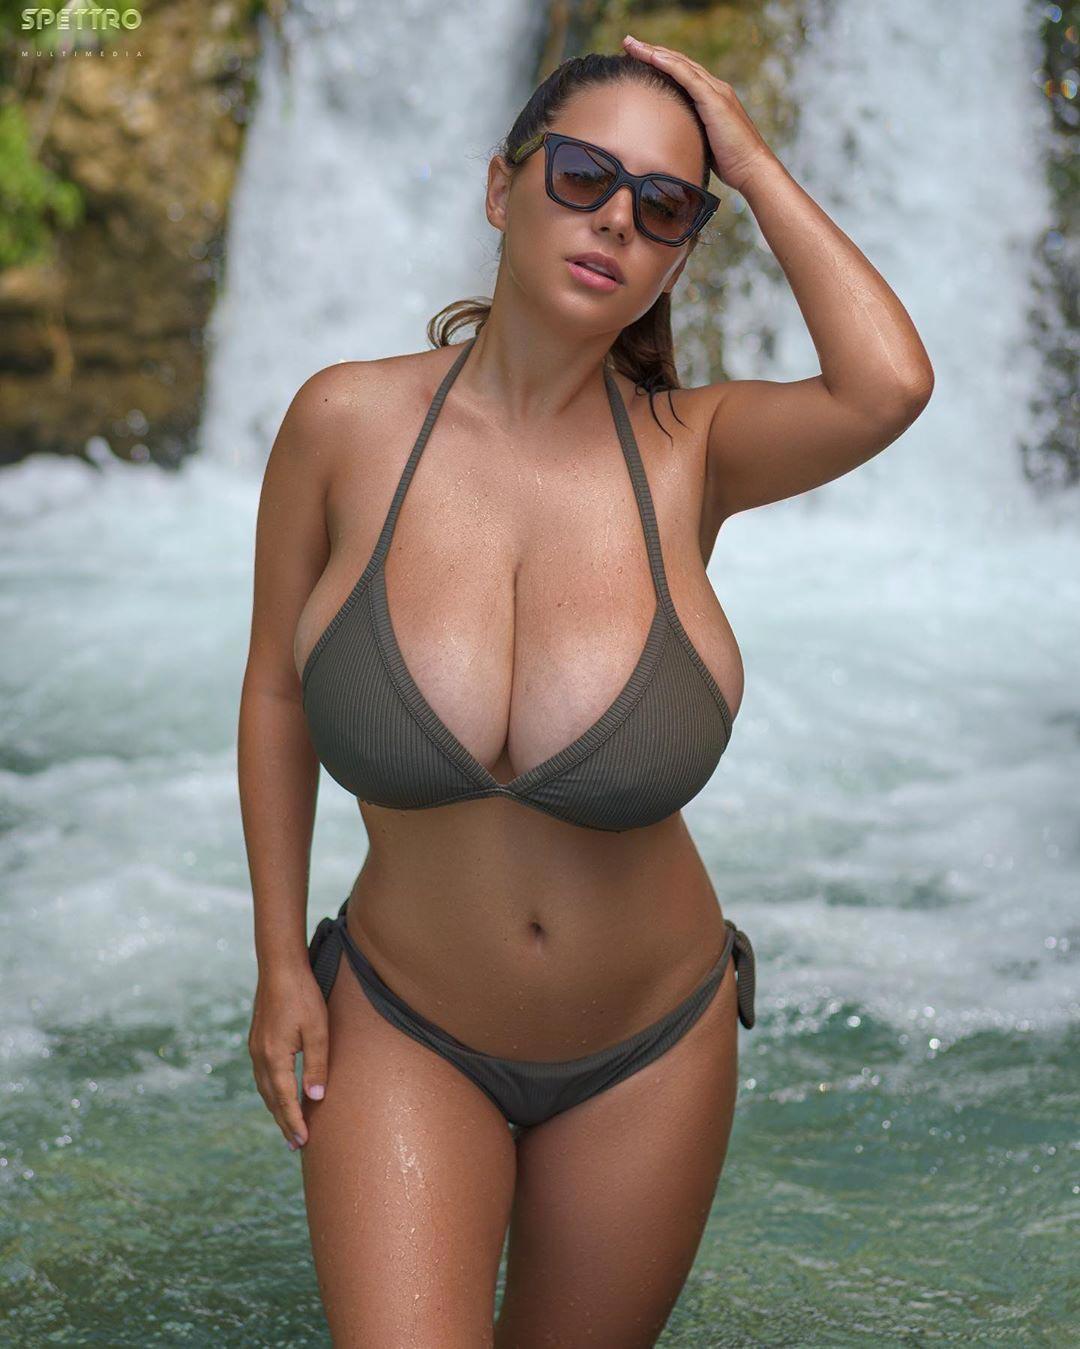 Natural big boobs Natural: 5,688